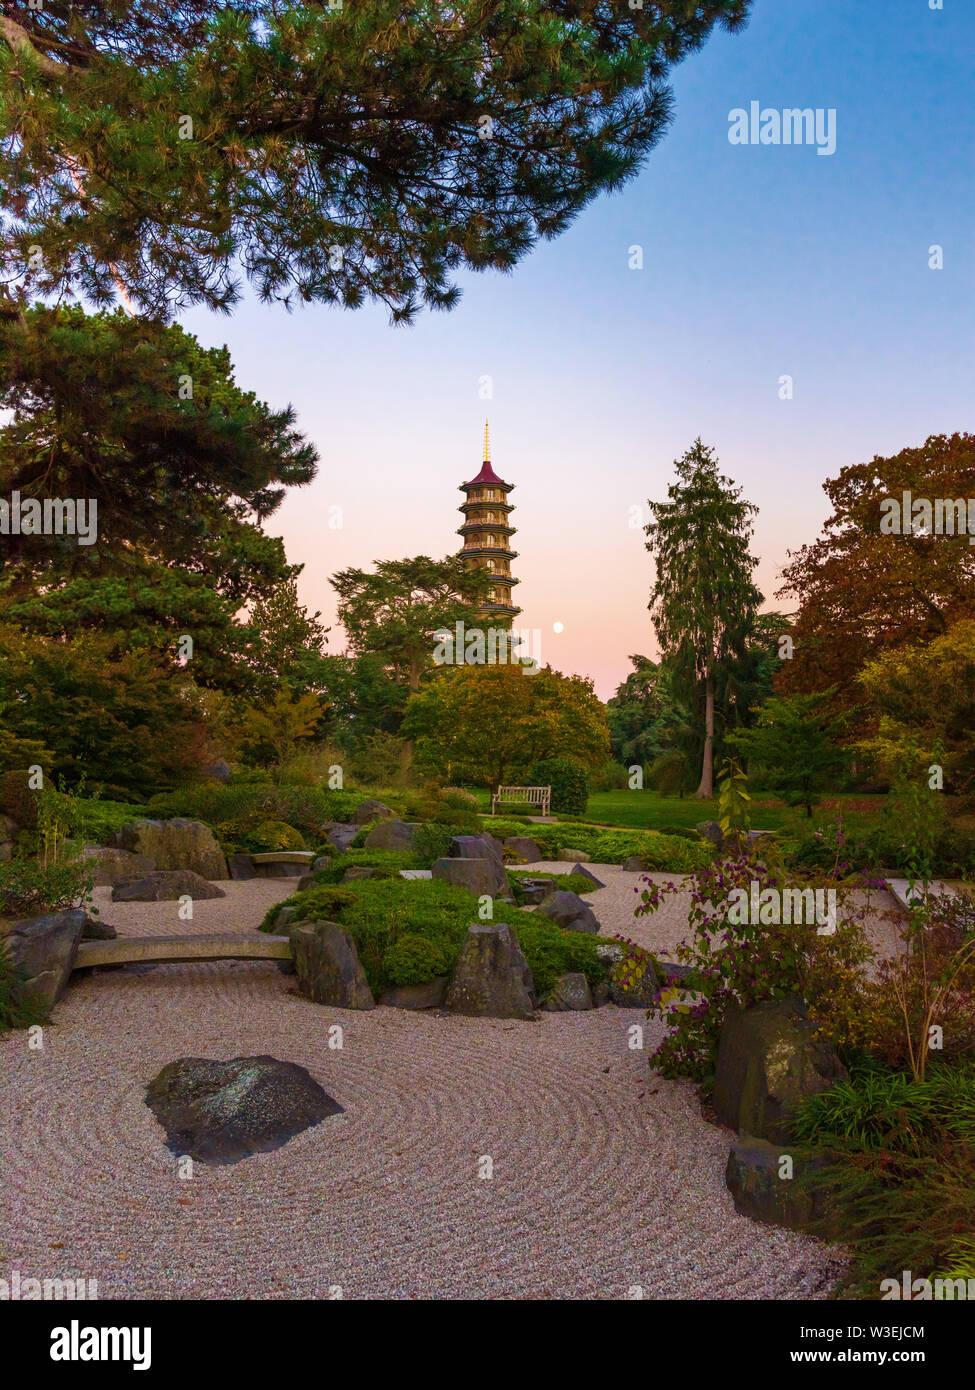 Japanese landscape, Kew Gardens, London, UK - Stock Image